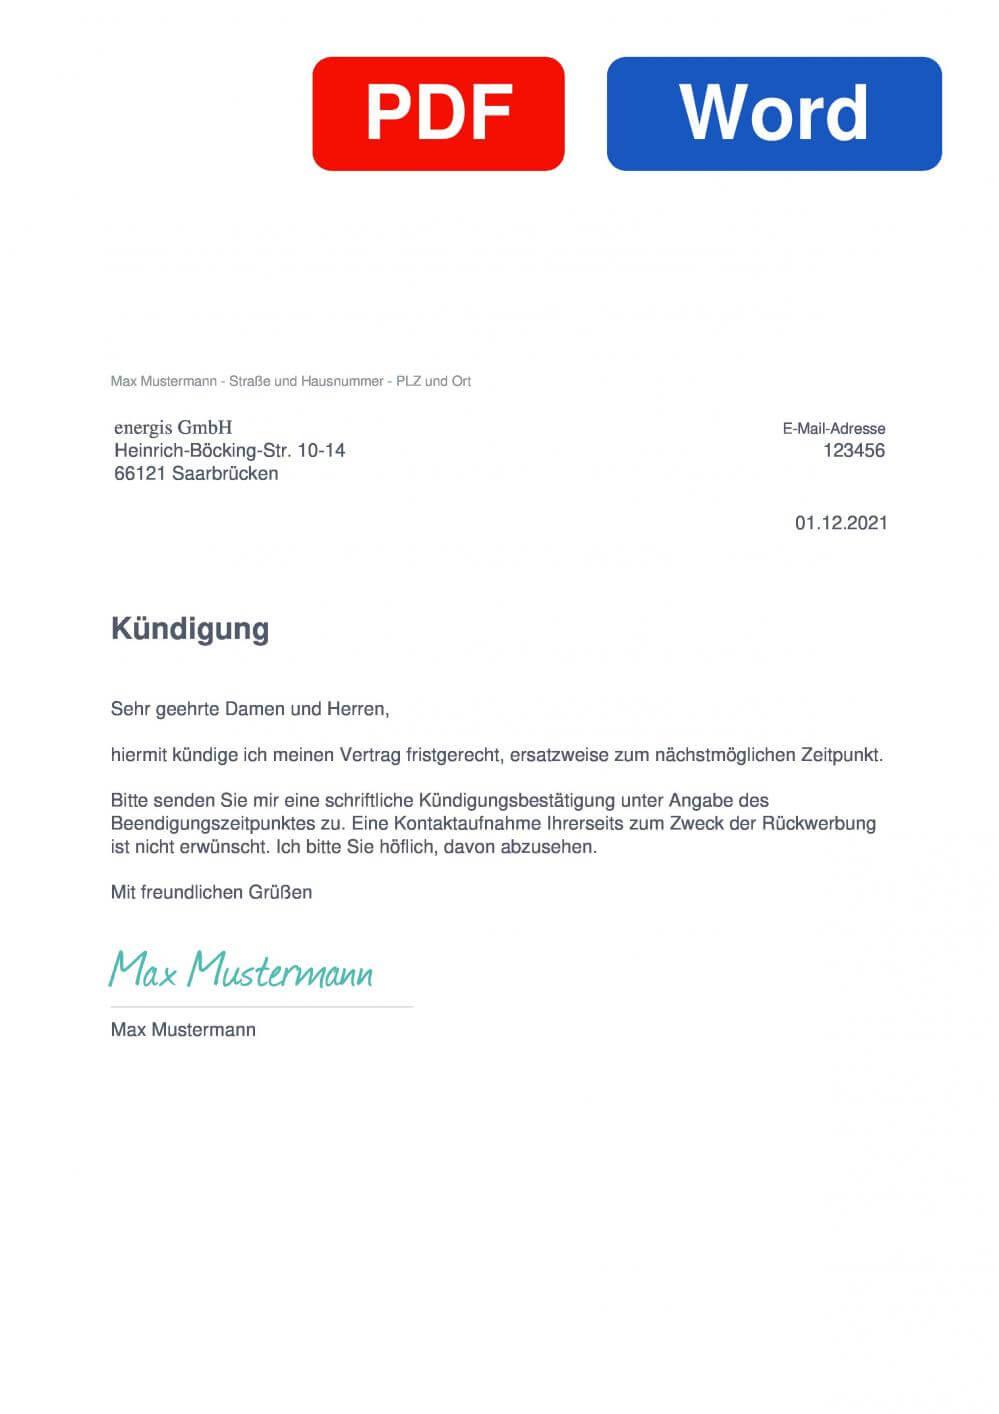 schlau.com Muster Vorlage für Kündigungsschreiben